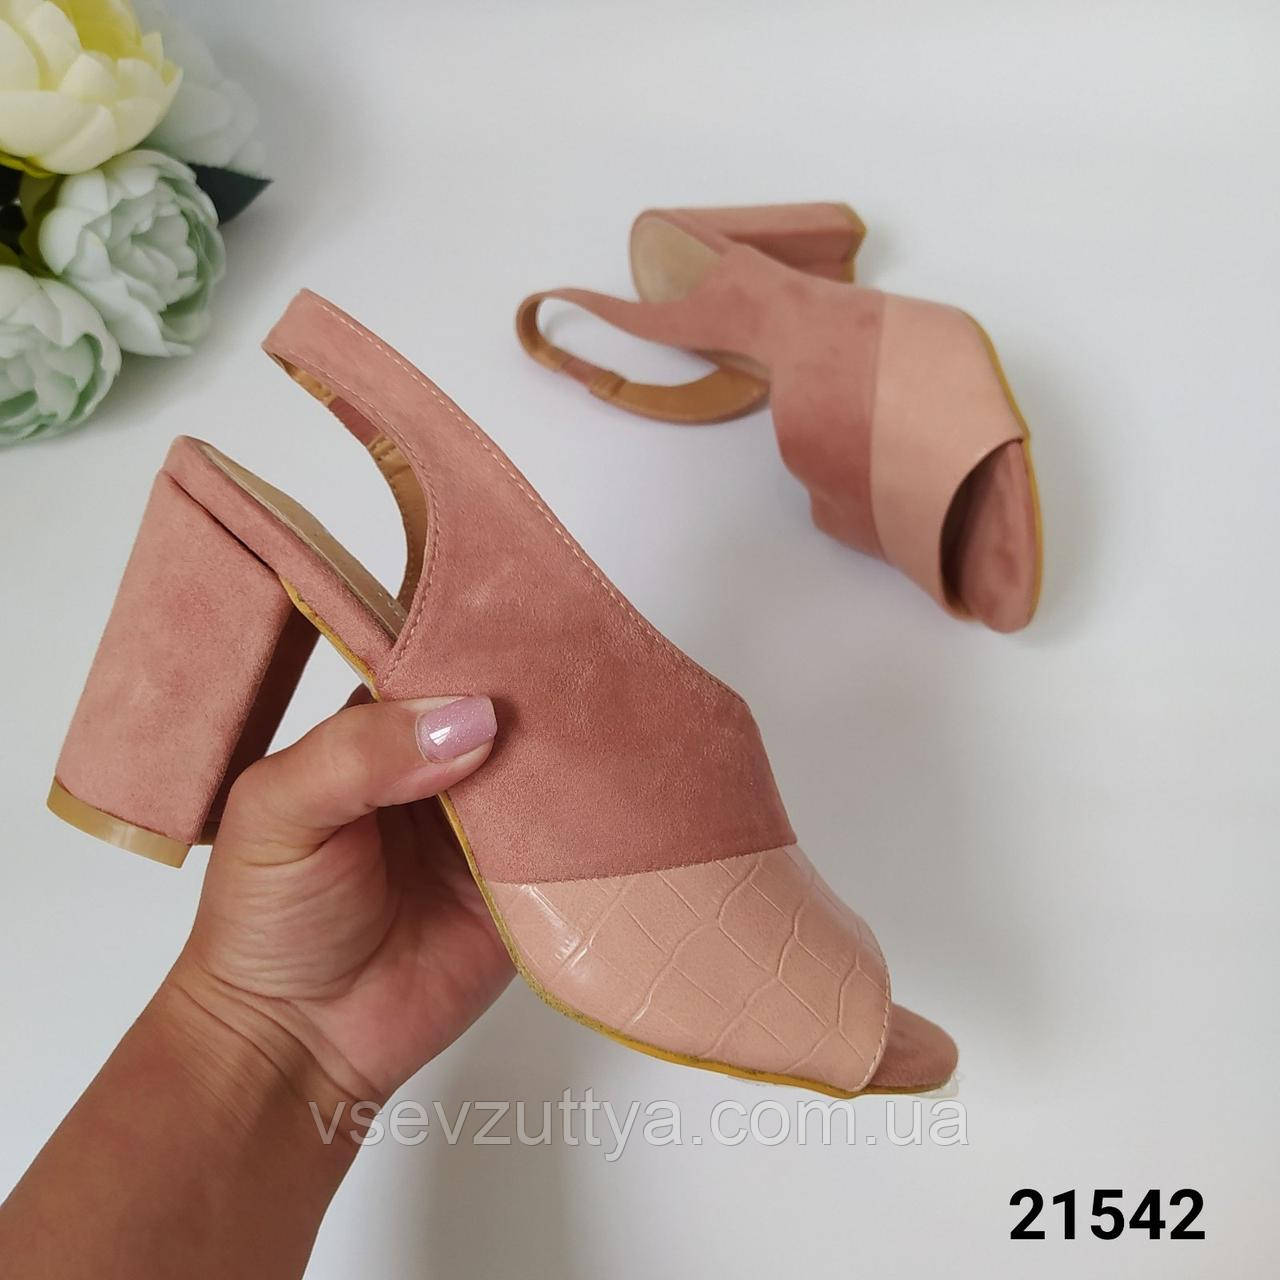 Пудровые босоножки женские на каблуке